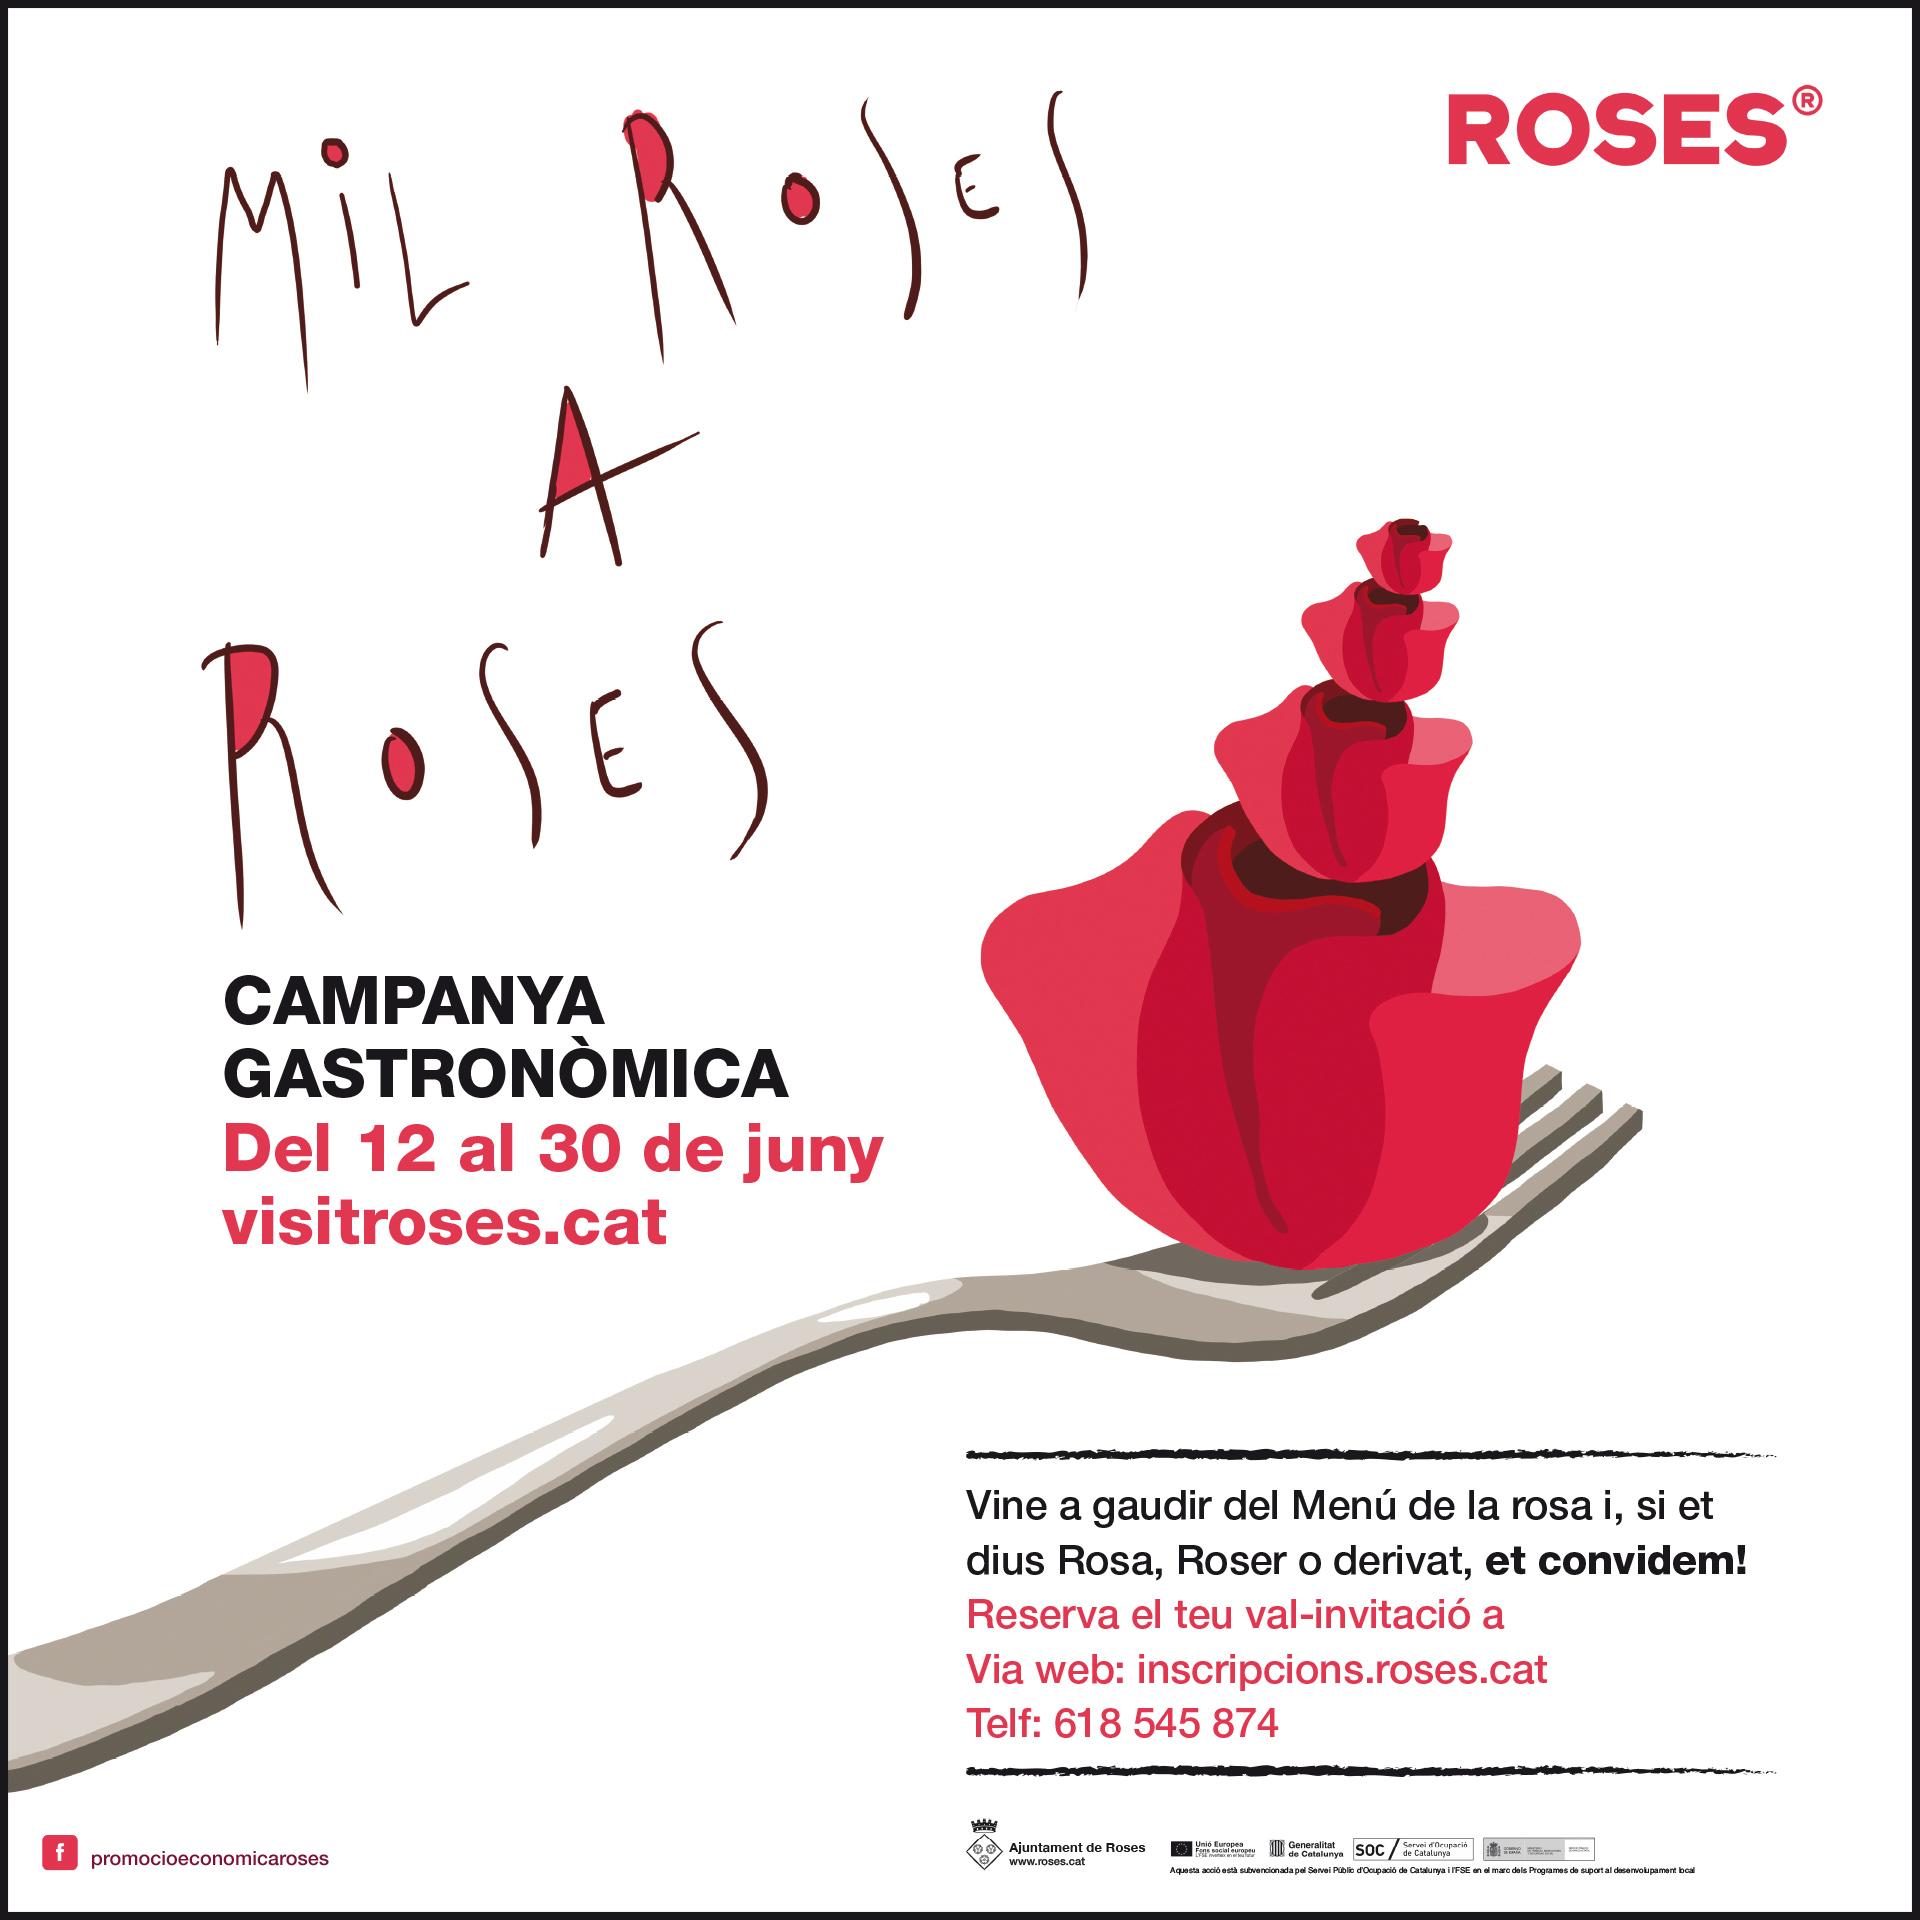 Del 12 al 30 de juny, restaurants i bars de Roses ofereixen còctels i menús florals